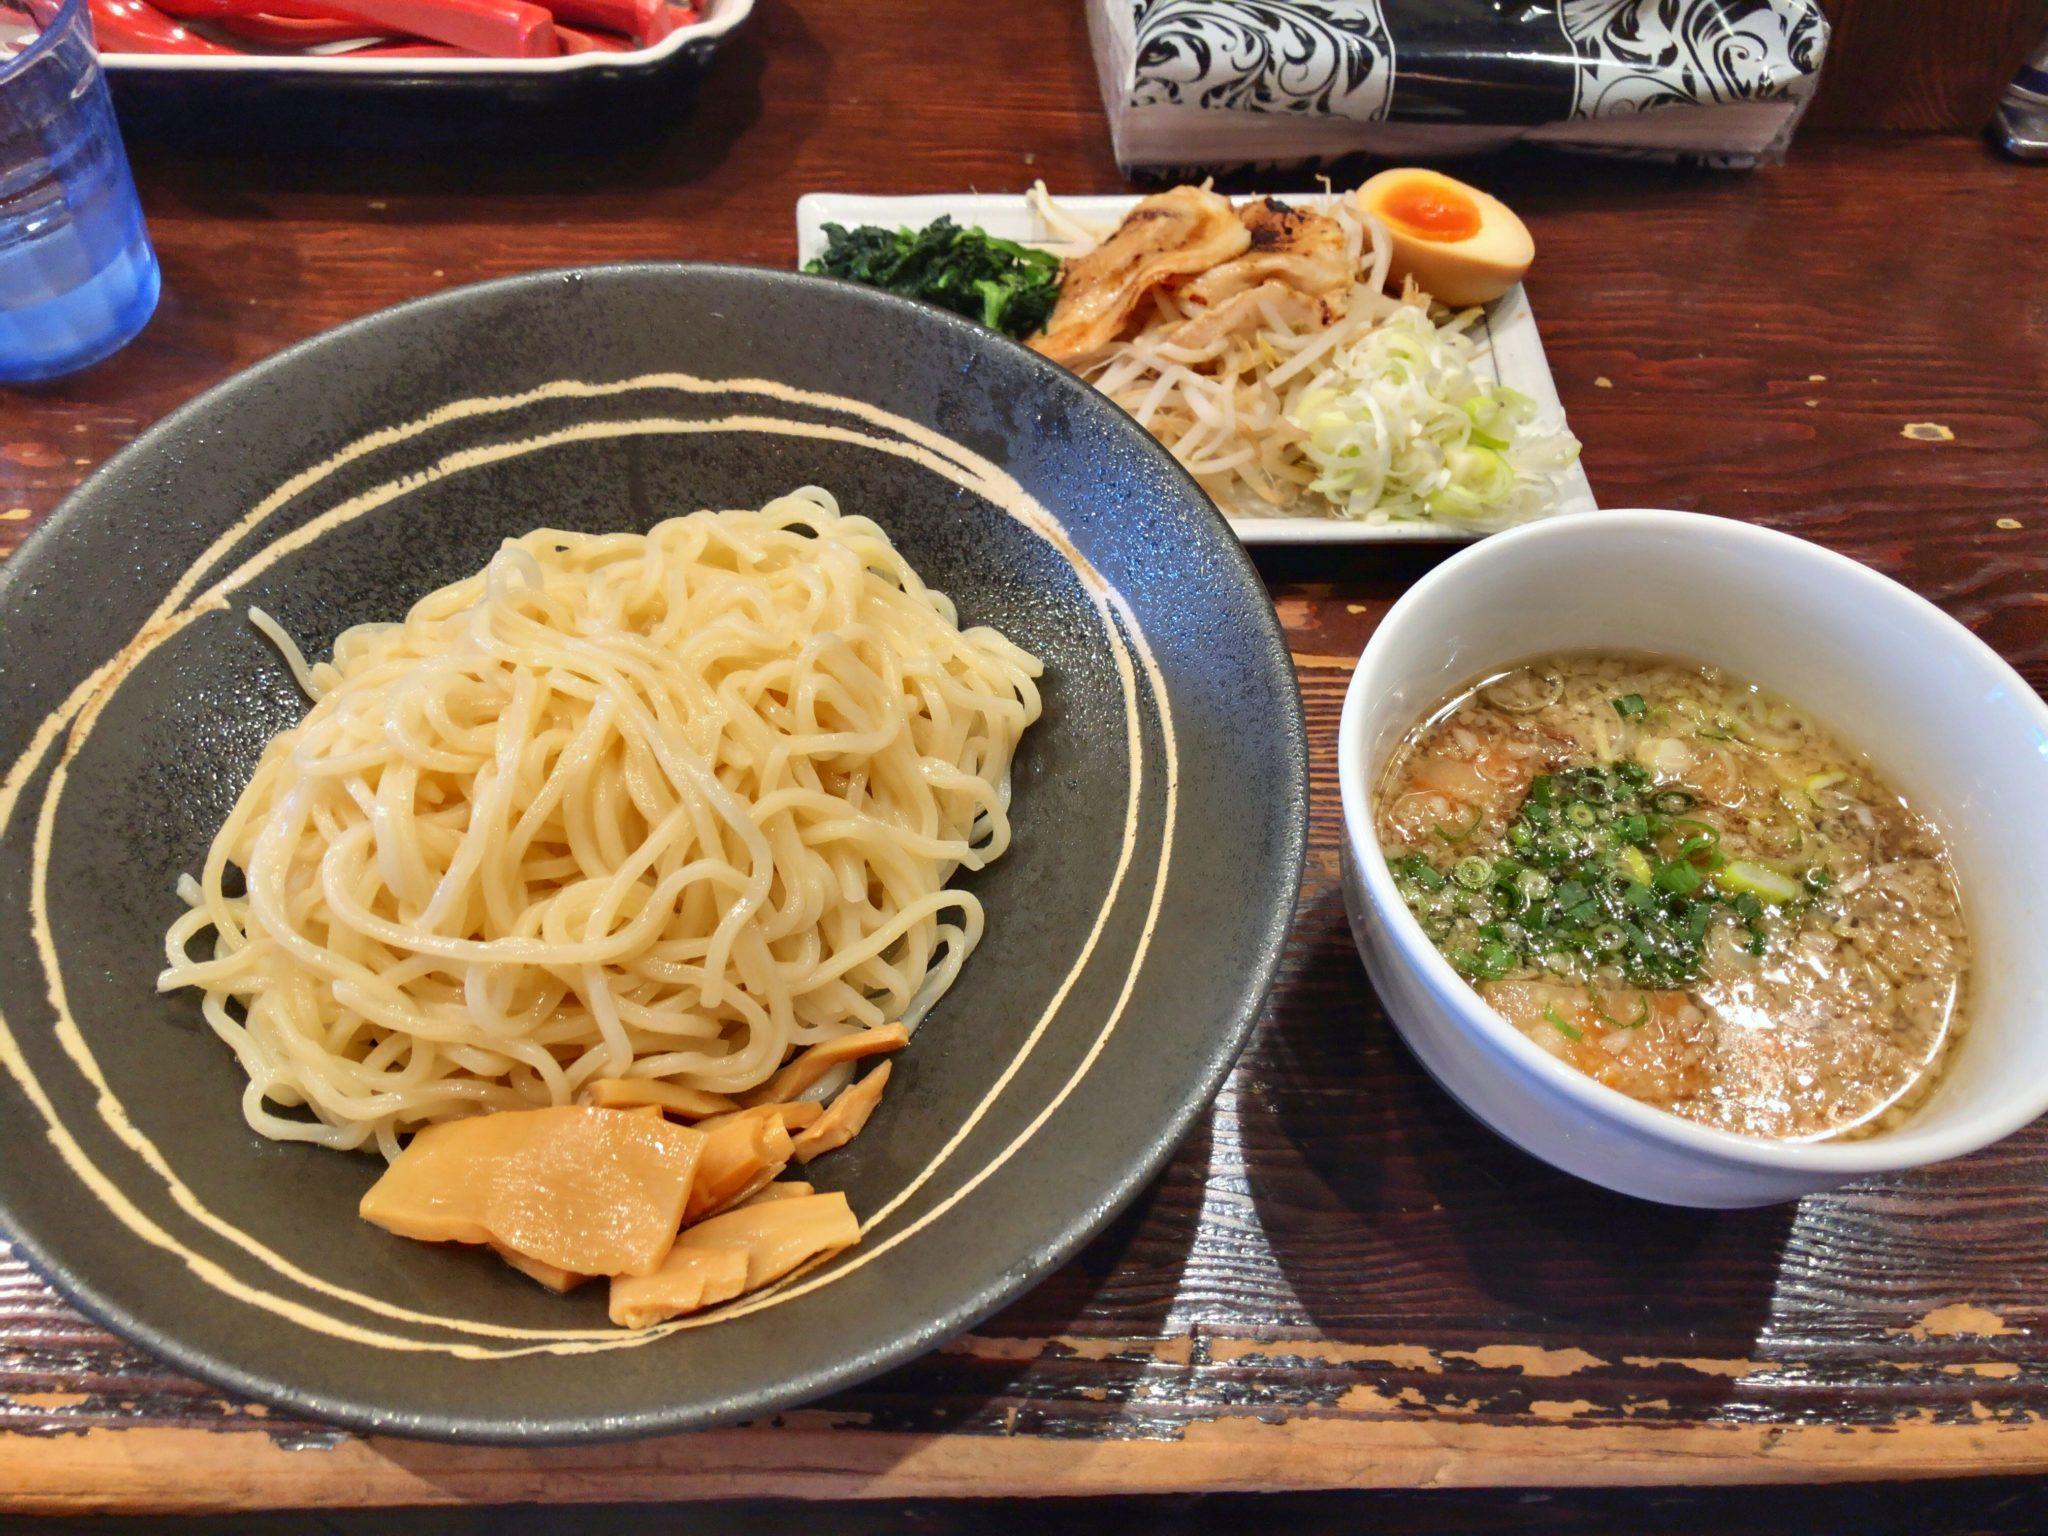 宗庵の宗庵つけ麺④